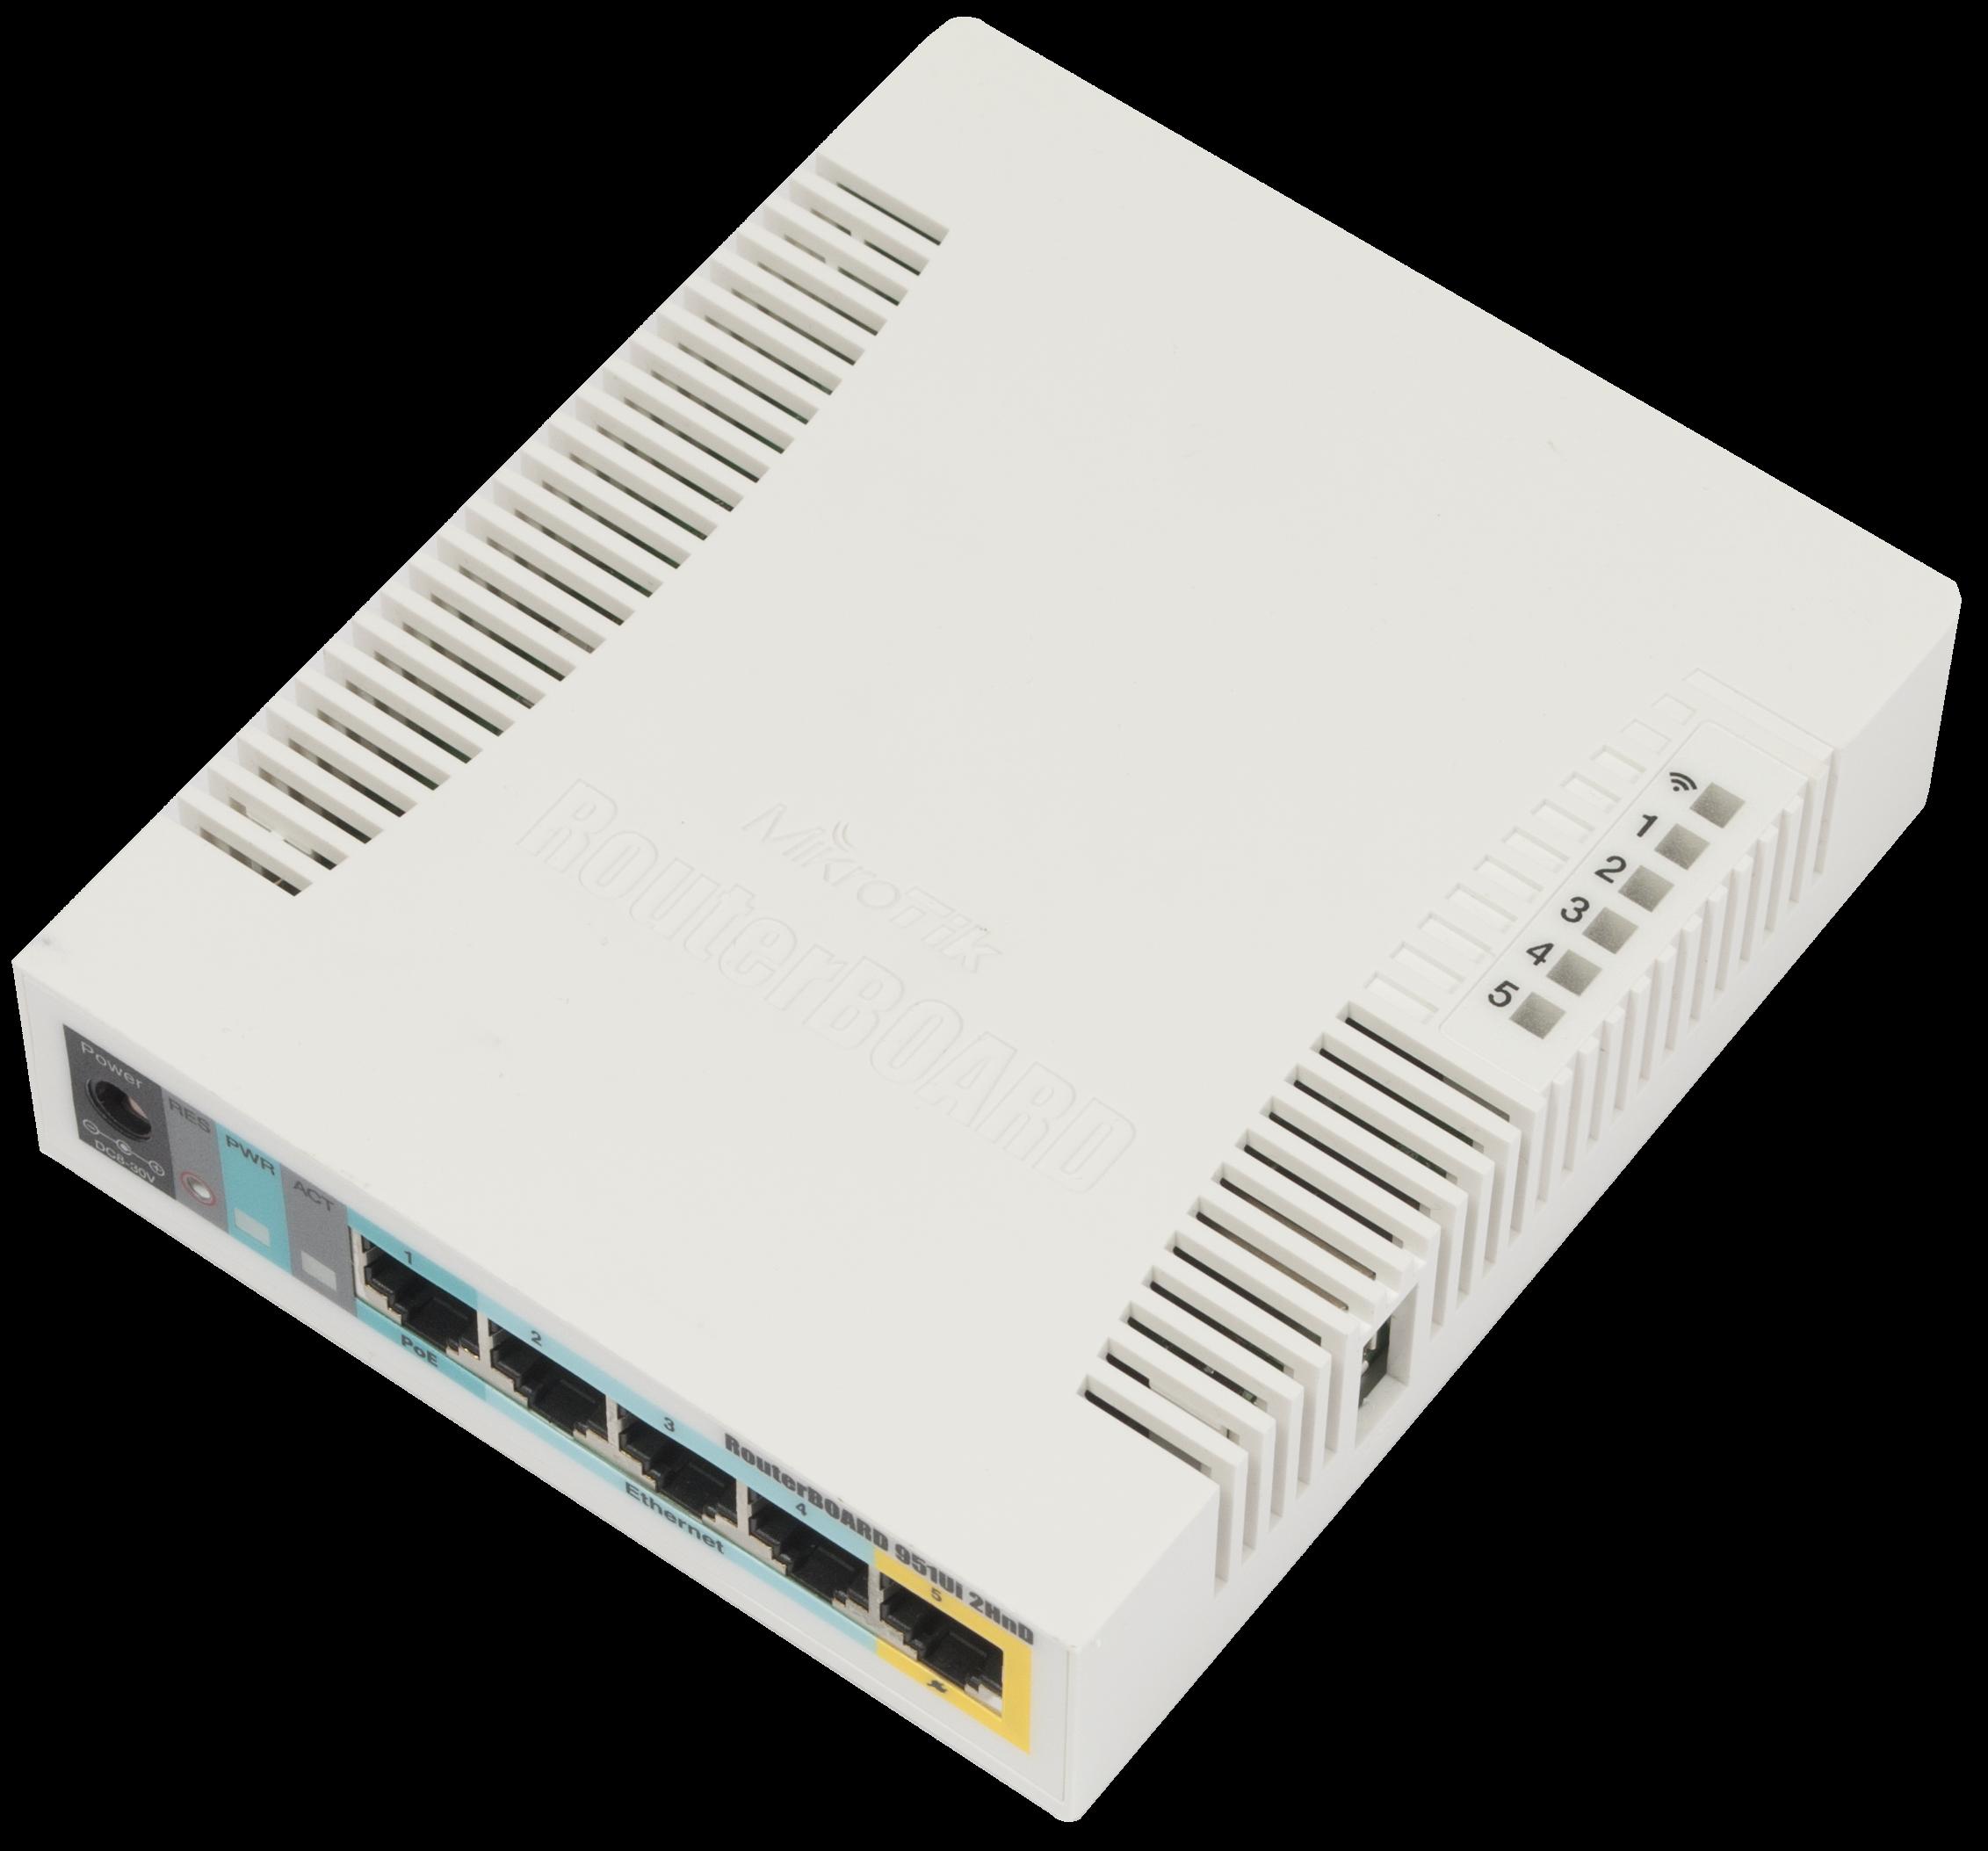 Mikrotik Router RB951Ui 2HnD